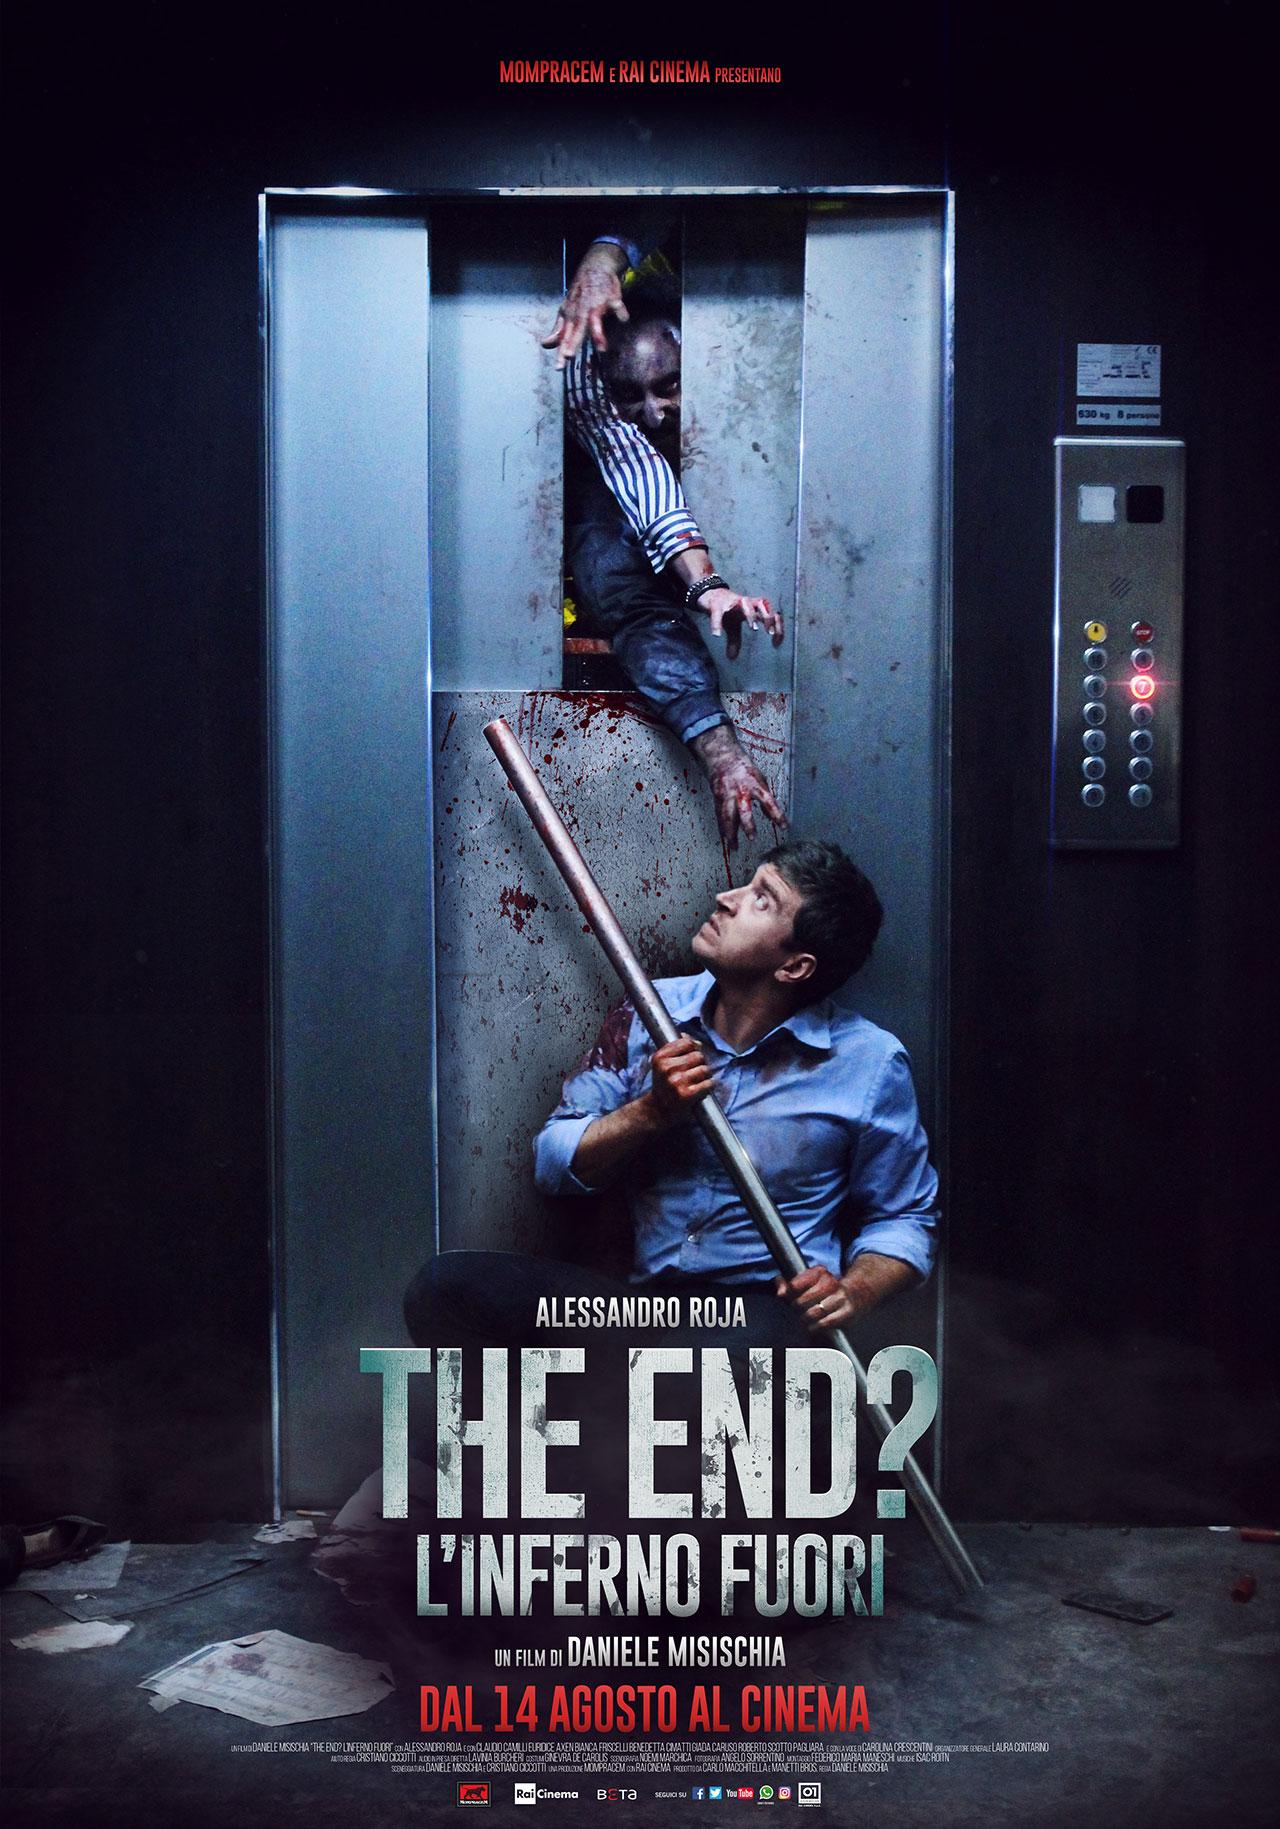 Risultati immagini per the end inferno fuori poster